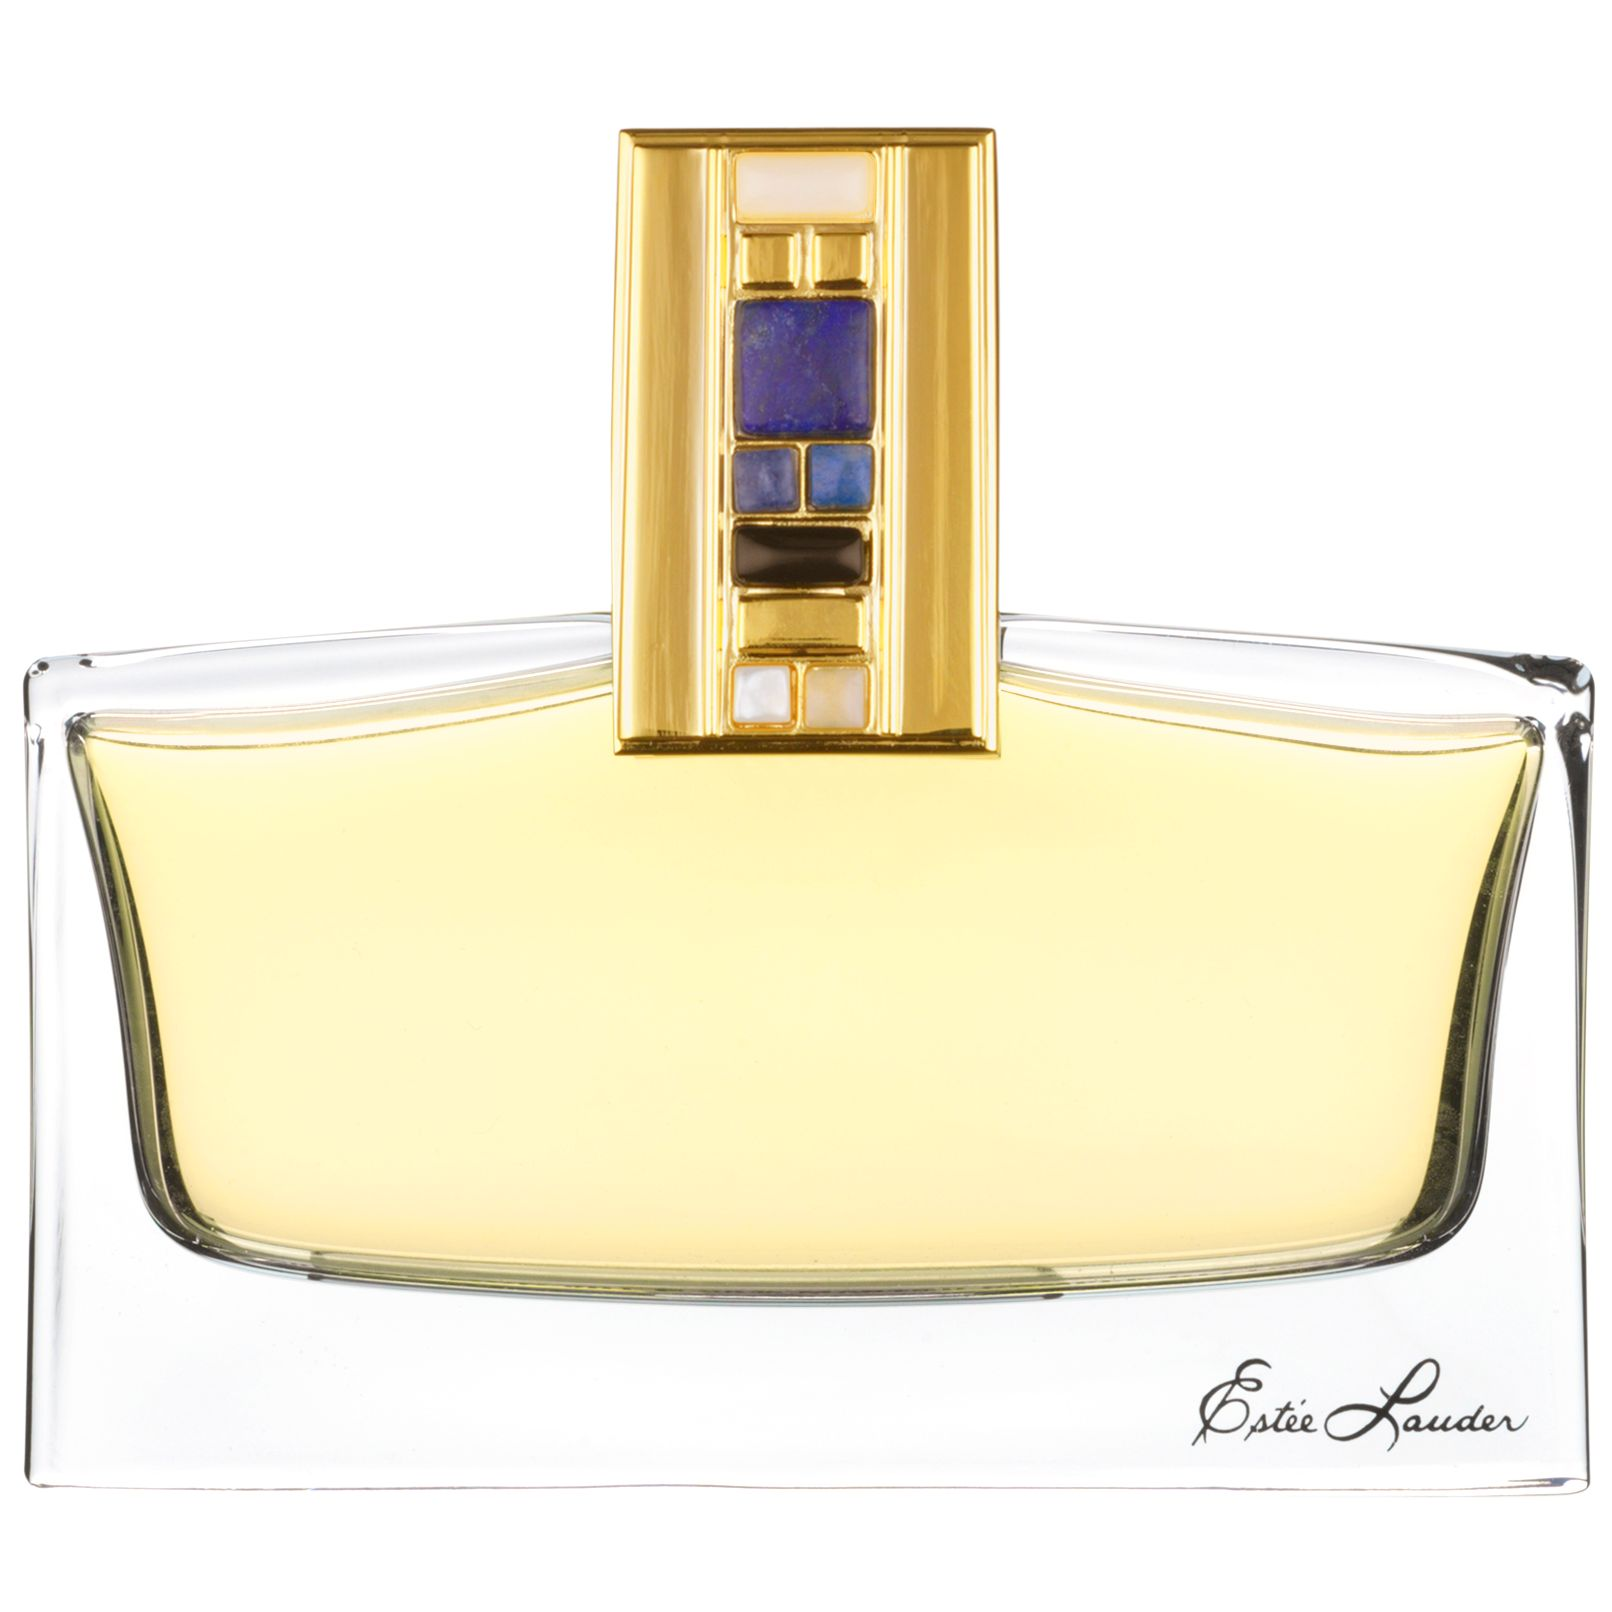 Estée Lauder Private Collection Jasmine White Moss Parfum, 30ml at John Lewis